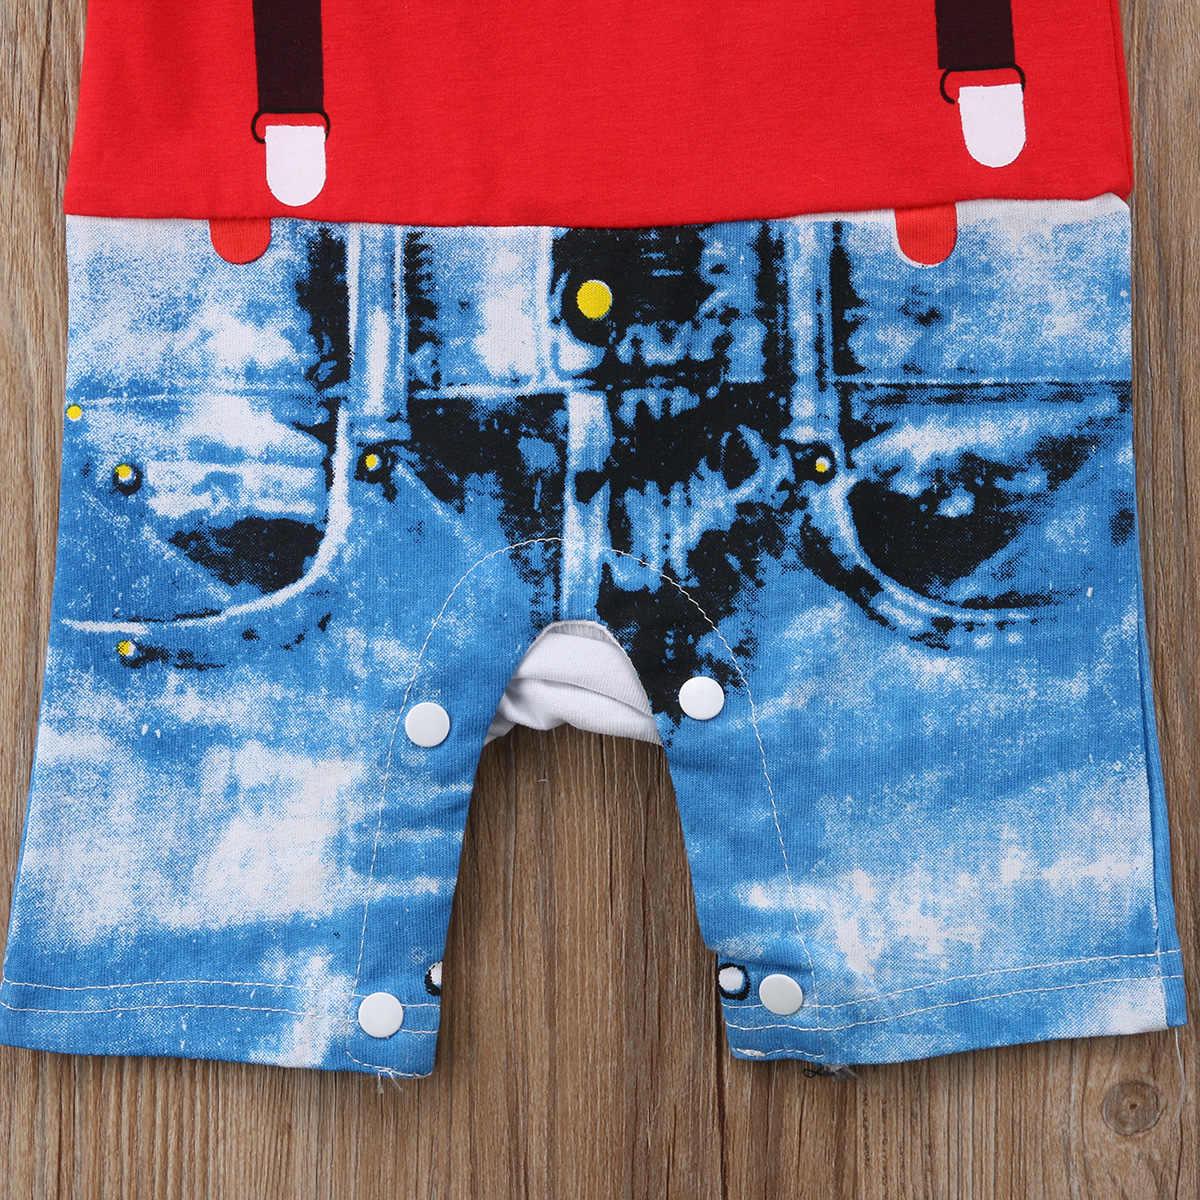 2019 nueva moda lindo Casual de algodón de manga corta rojo y blanco tie denim Bebé niños pantalones cortos traje de escalada monos verano